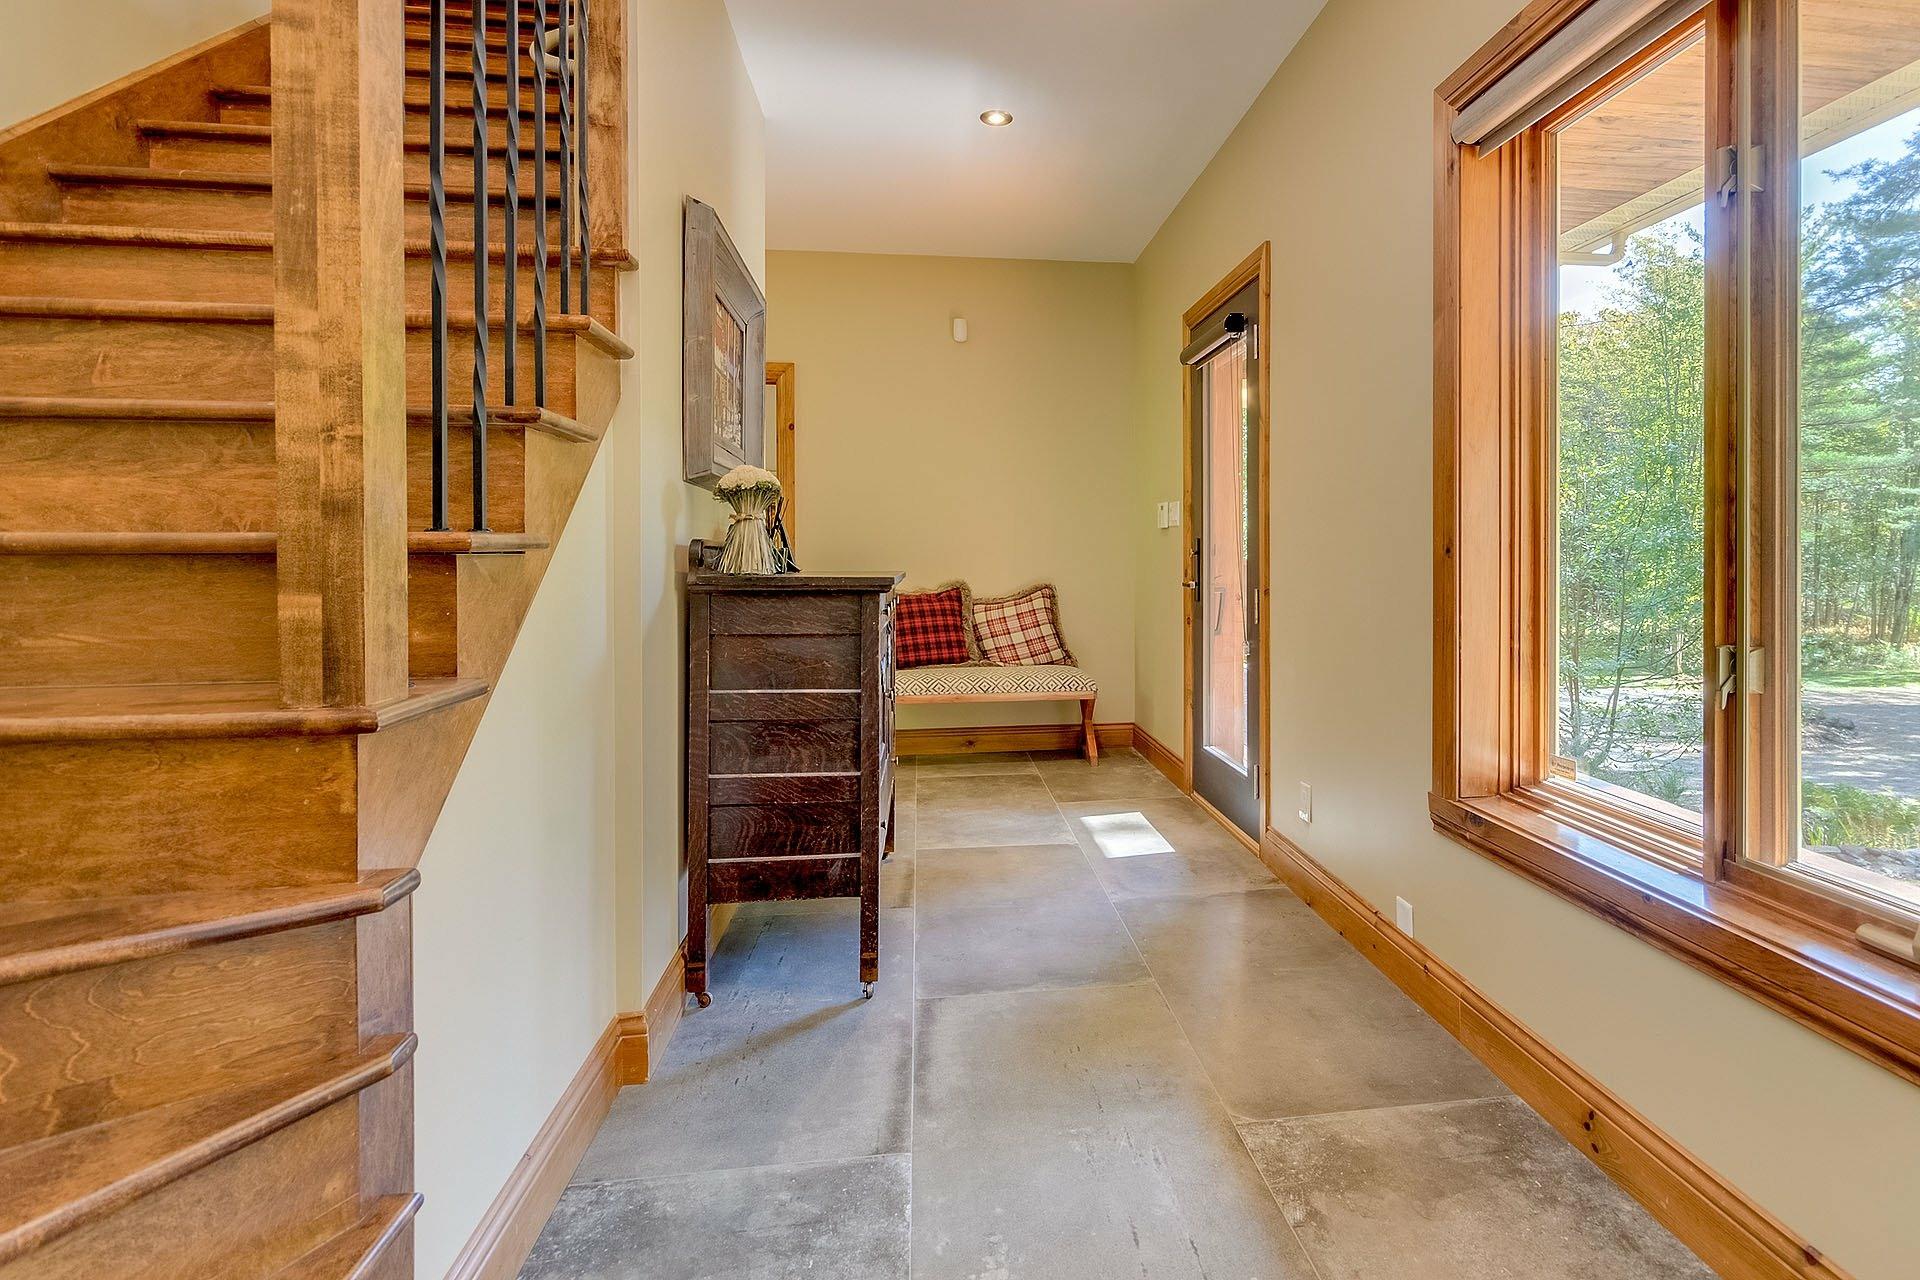 image 5 - Maison À vendre Sutton - 19 pièces